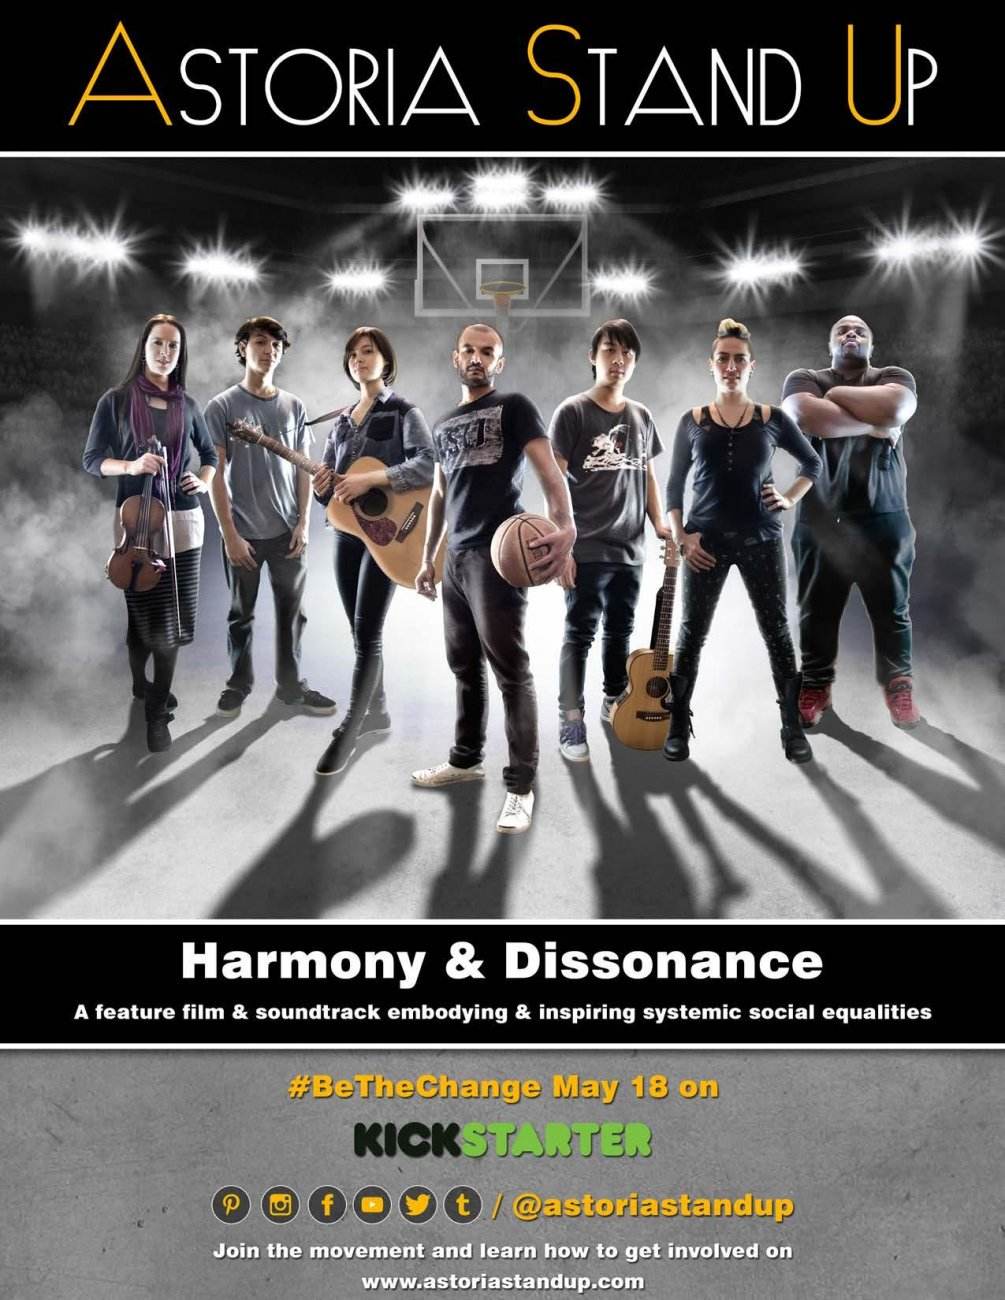 ASU-Harmony-Dissonance-Media-Kit-page-001